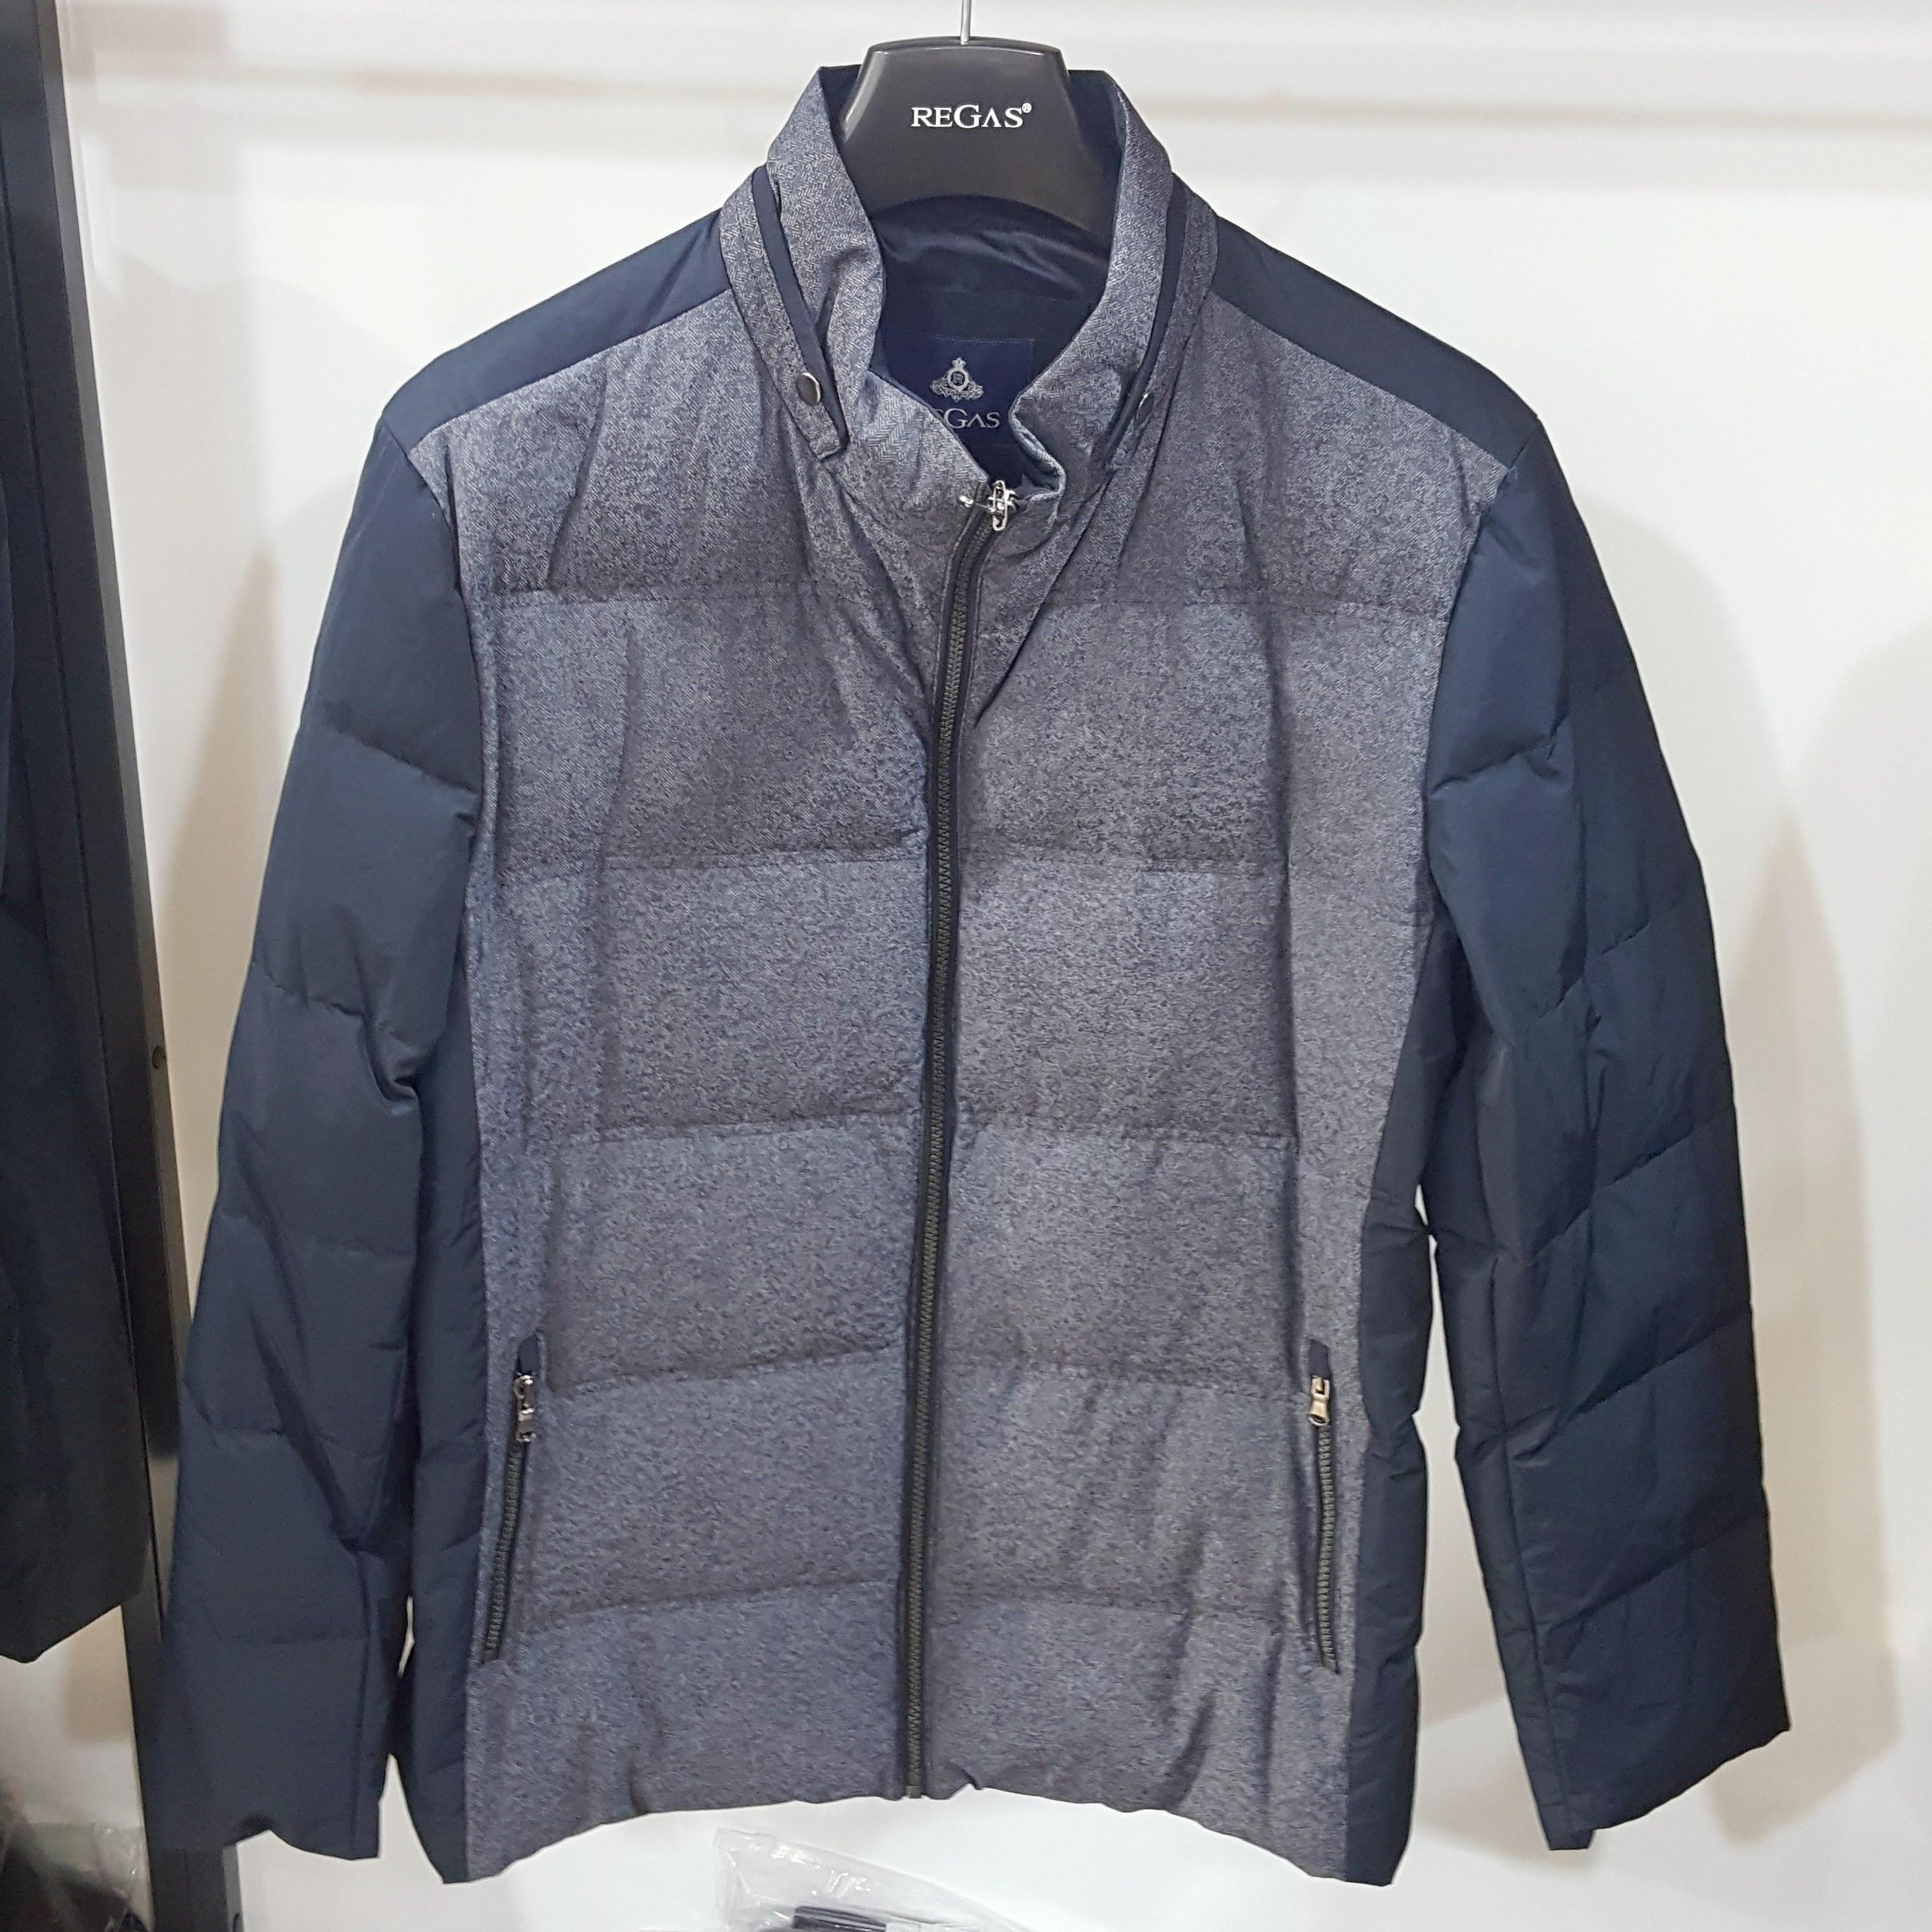 [행복한백화점][보스렌자]남성 기본라인 후드 오리털 다운 점퍼 네이비컬러 RFFHC8375